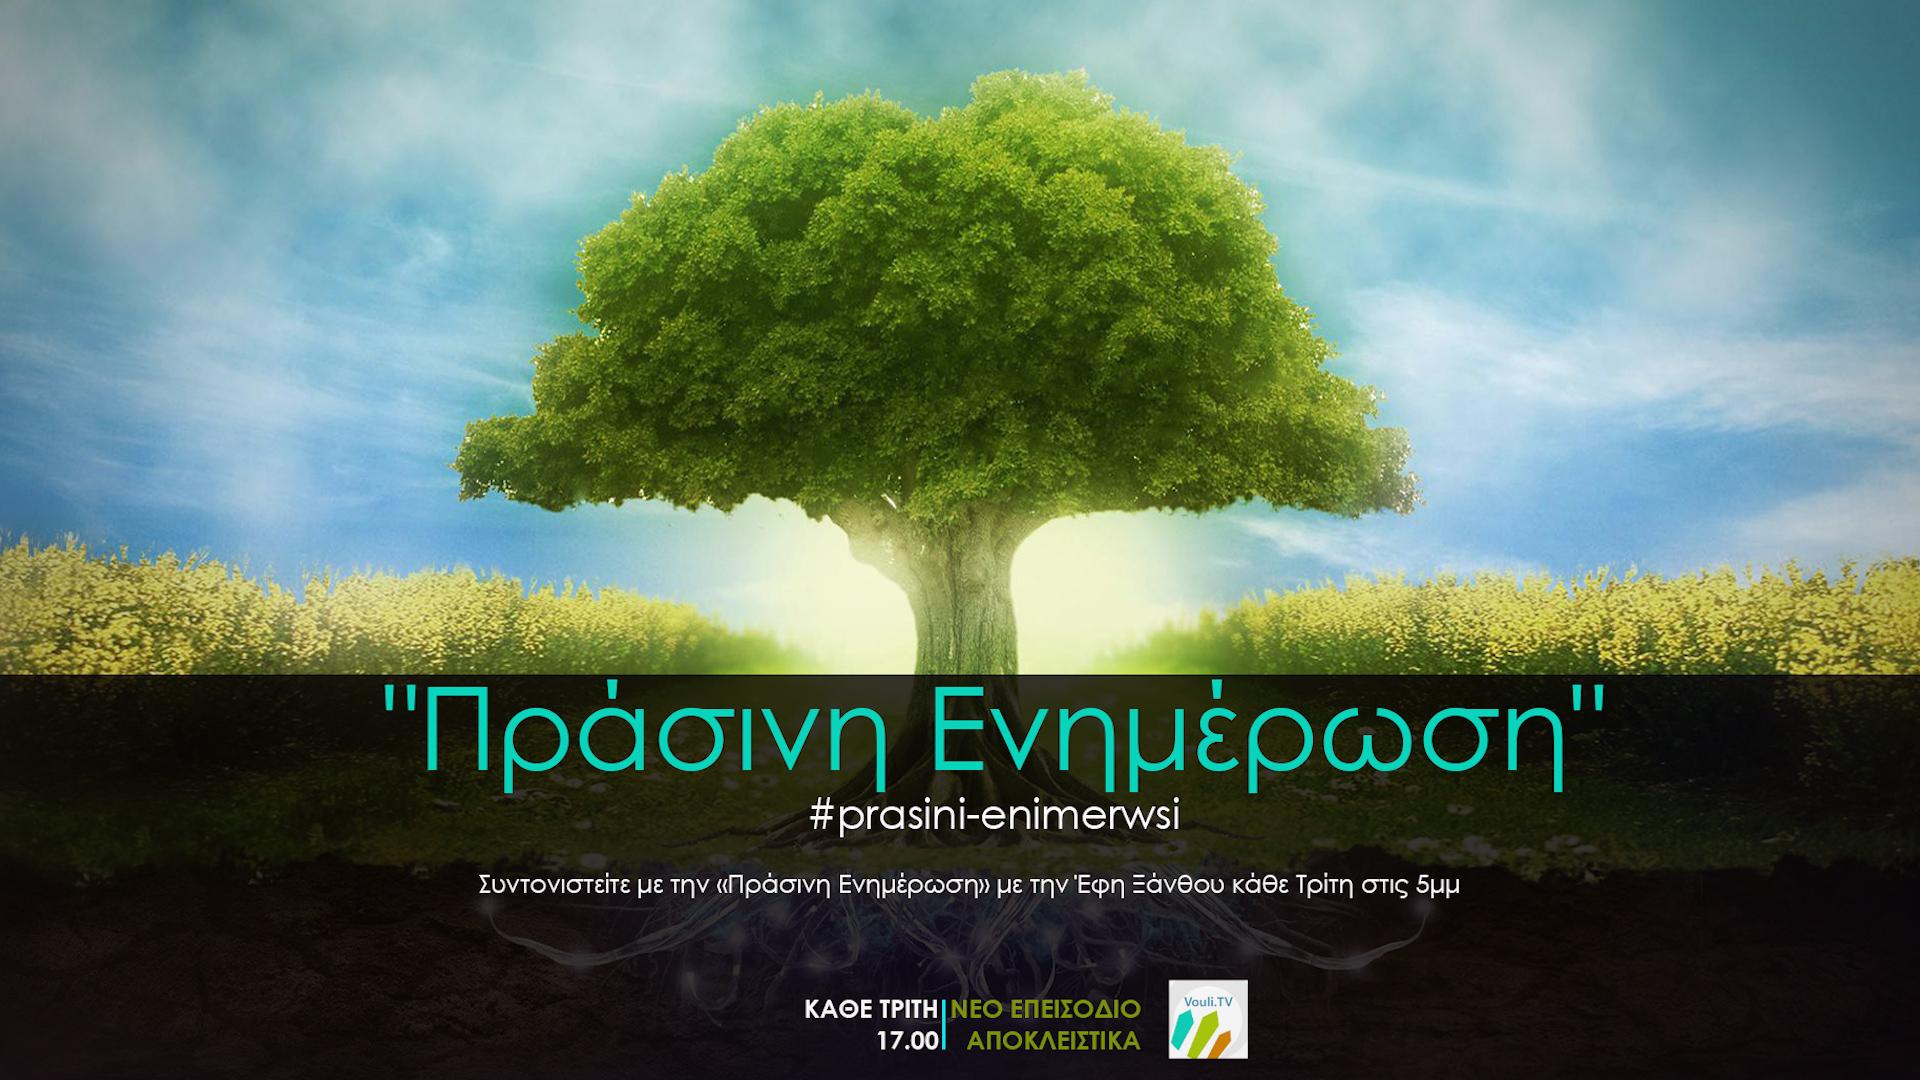 Πράσινη Ενημέρωση με την Έφη Ξάνθου @Vouli.TV | 8/12/2020